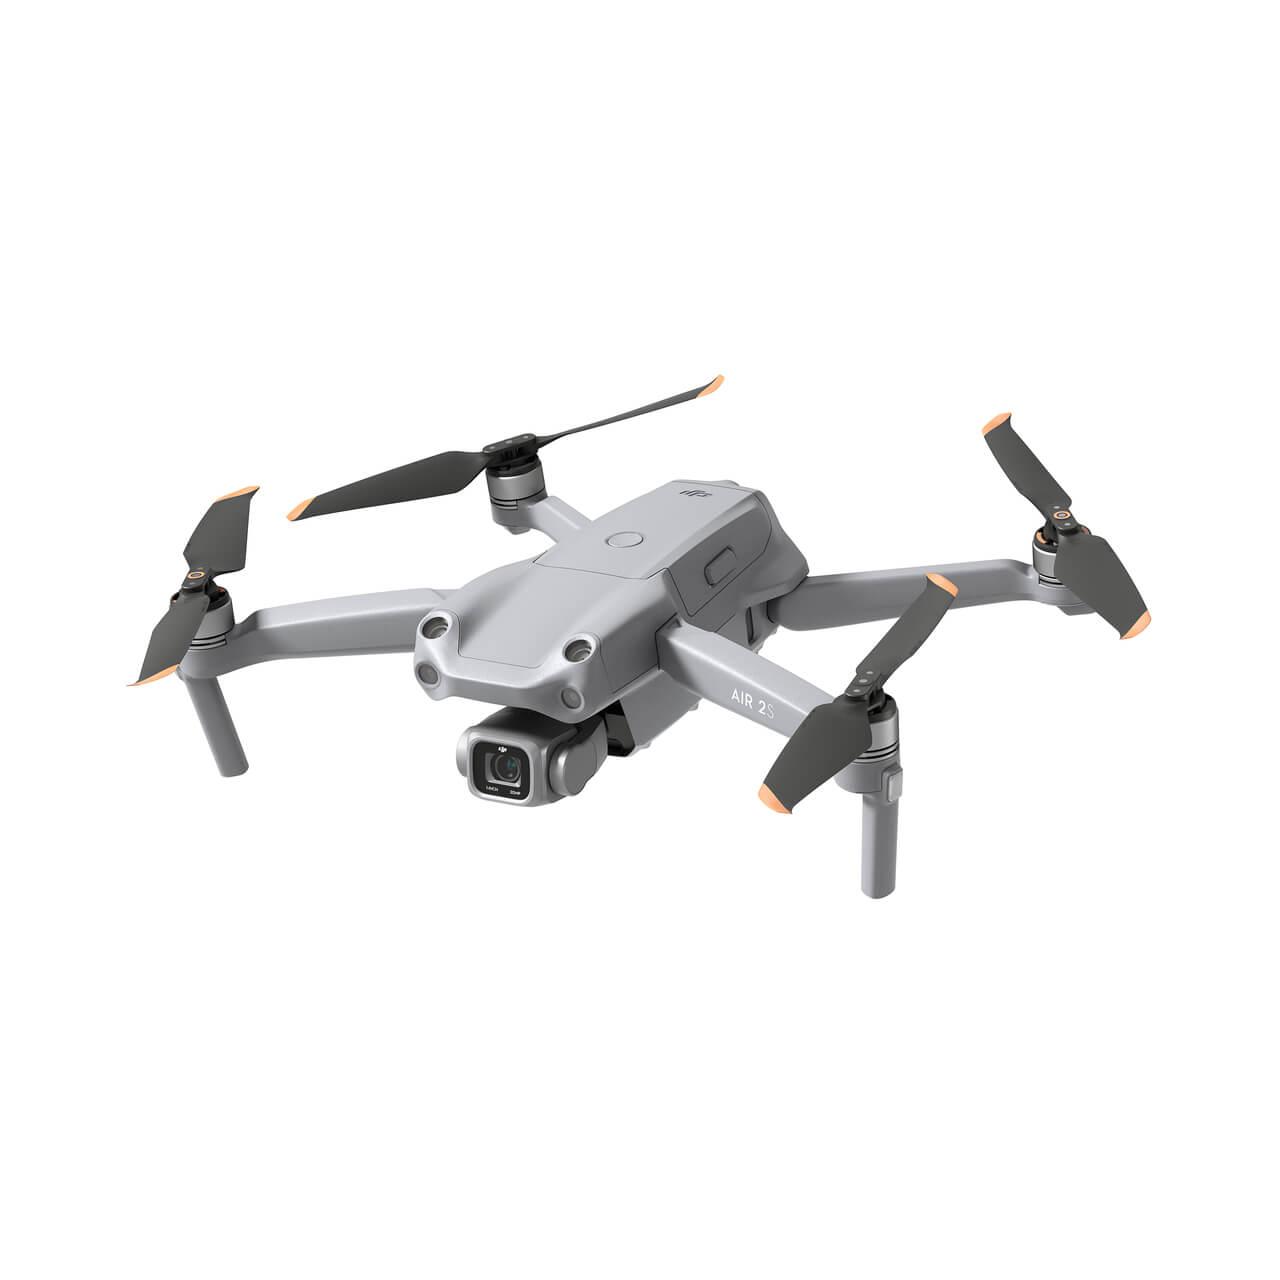 DJI Mavic Air 2 S dronas (7)